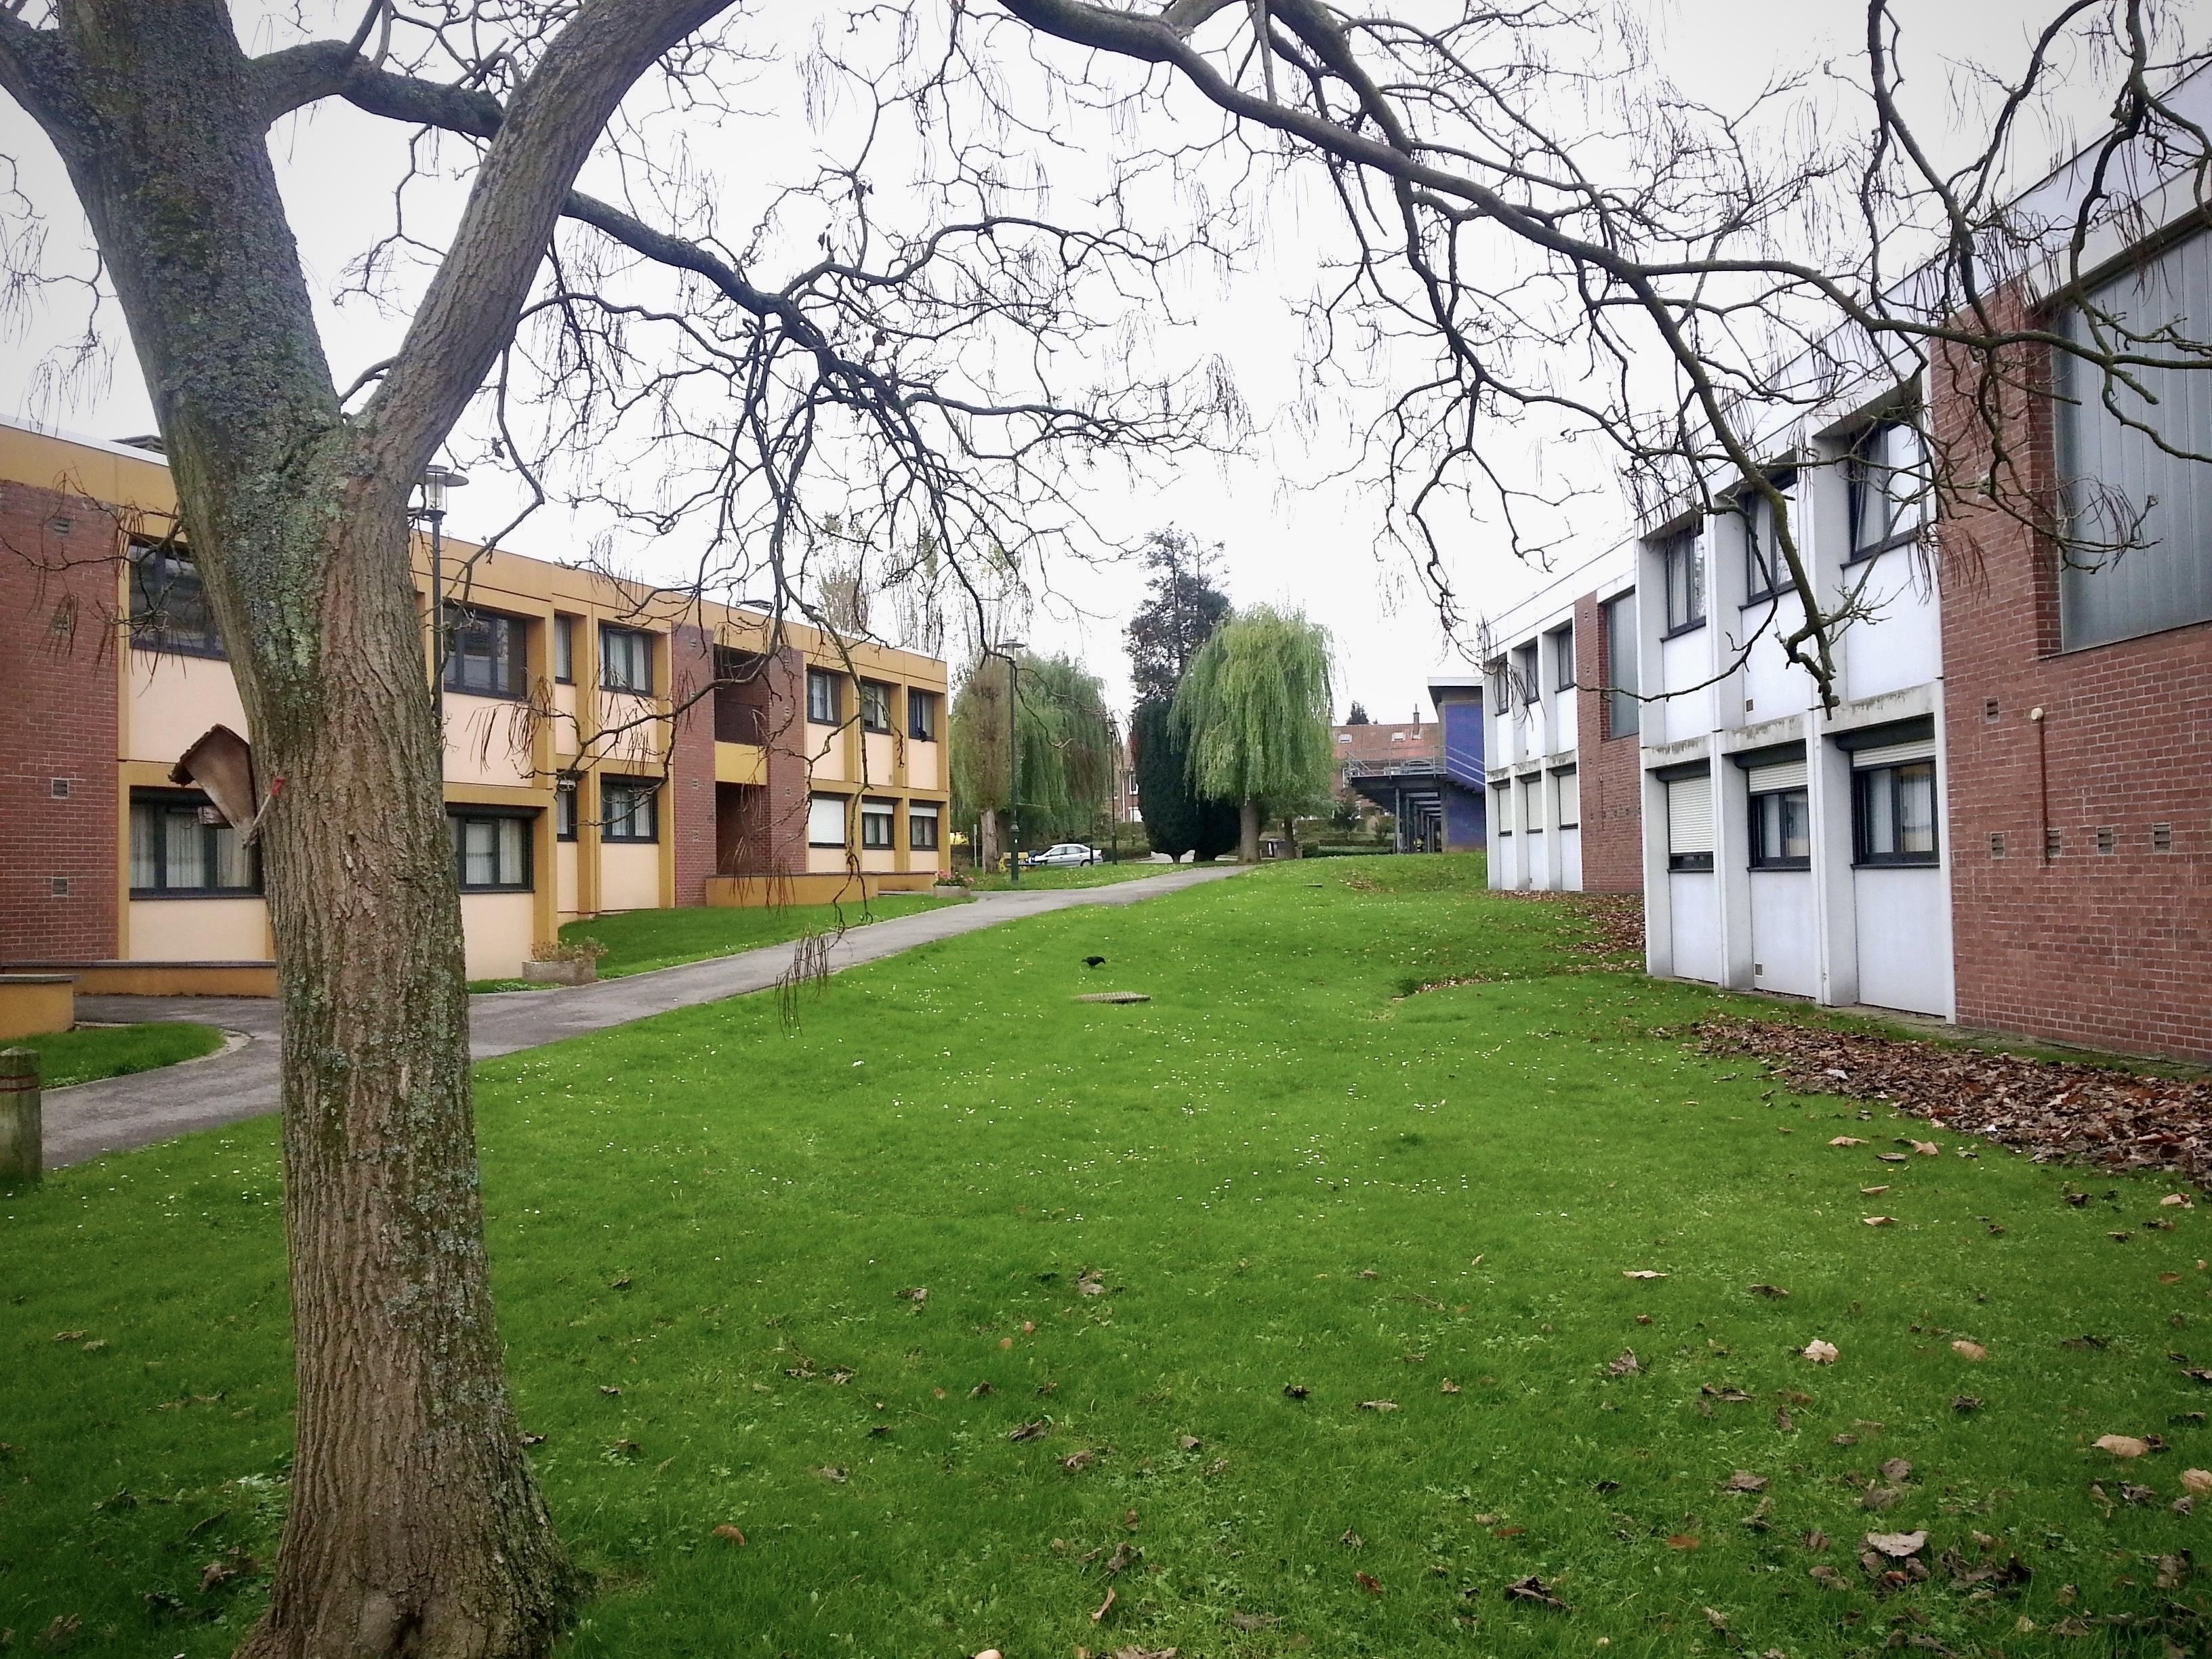 Le Housing First s'amplifie avec un nouveau projet à Evere